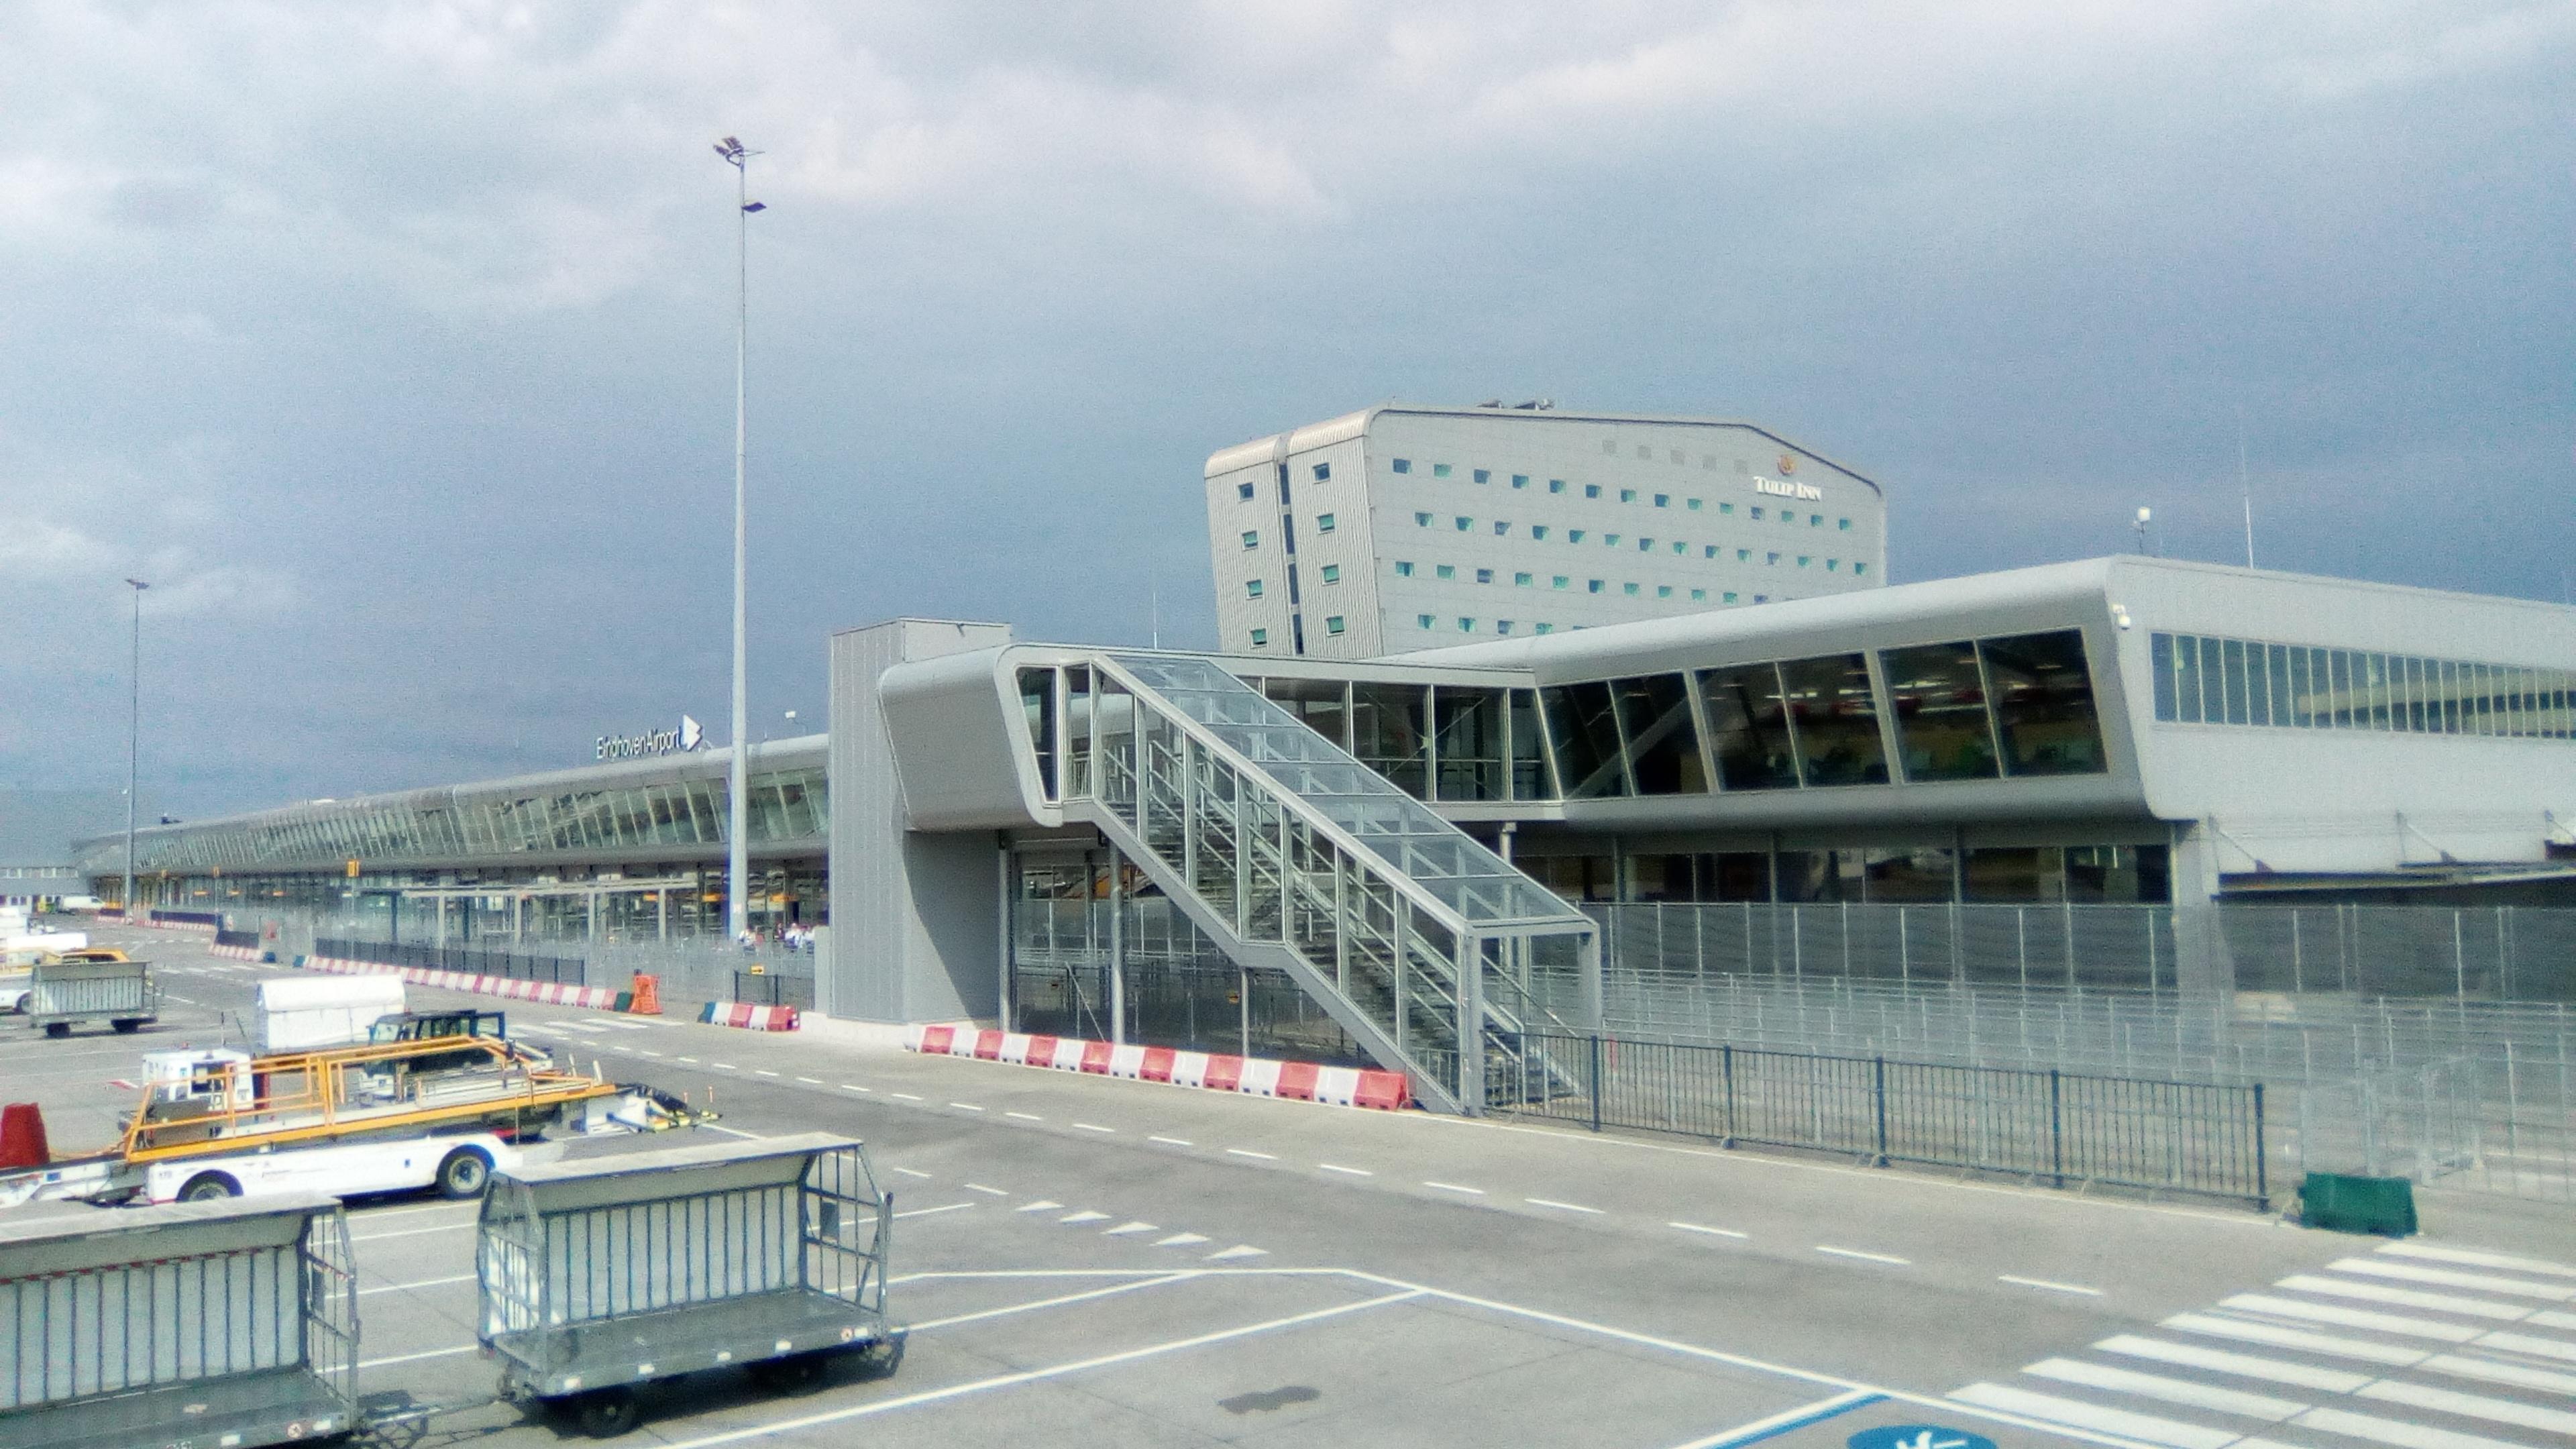 eindhoven_airport.jpg